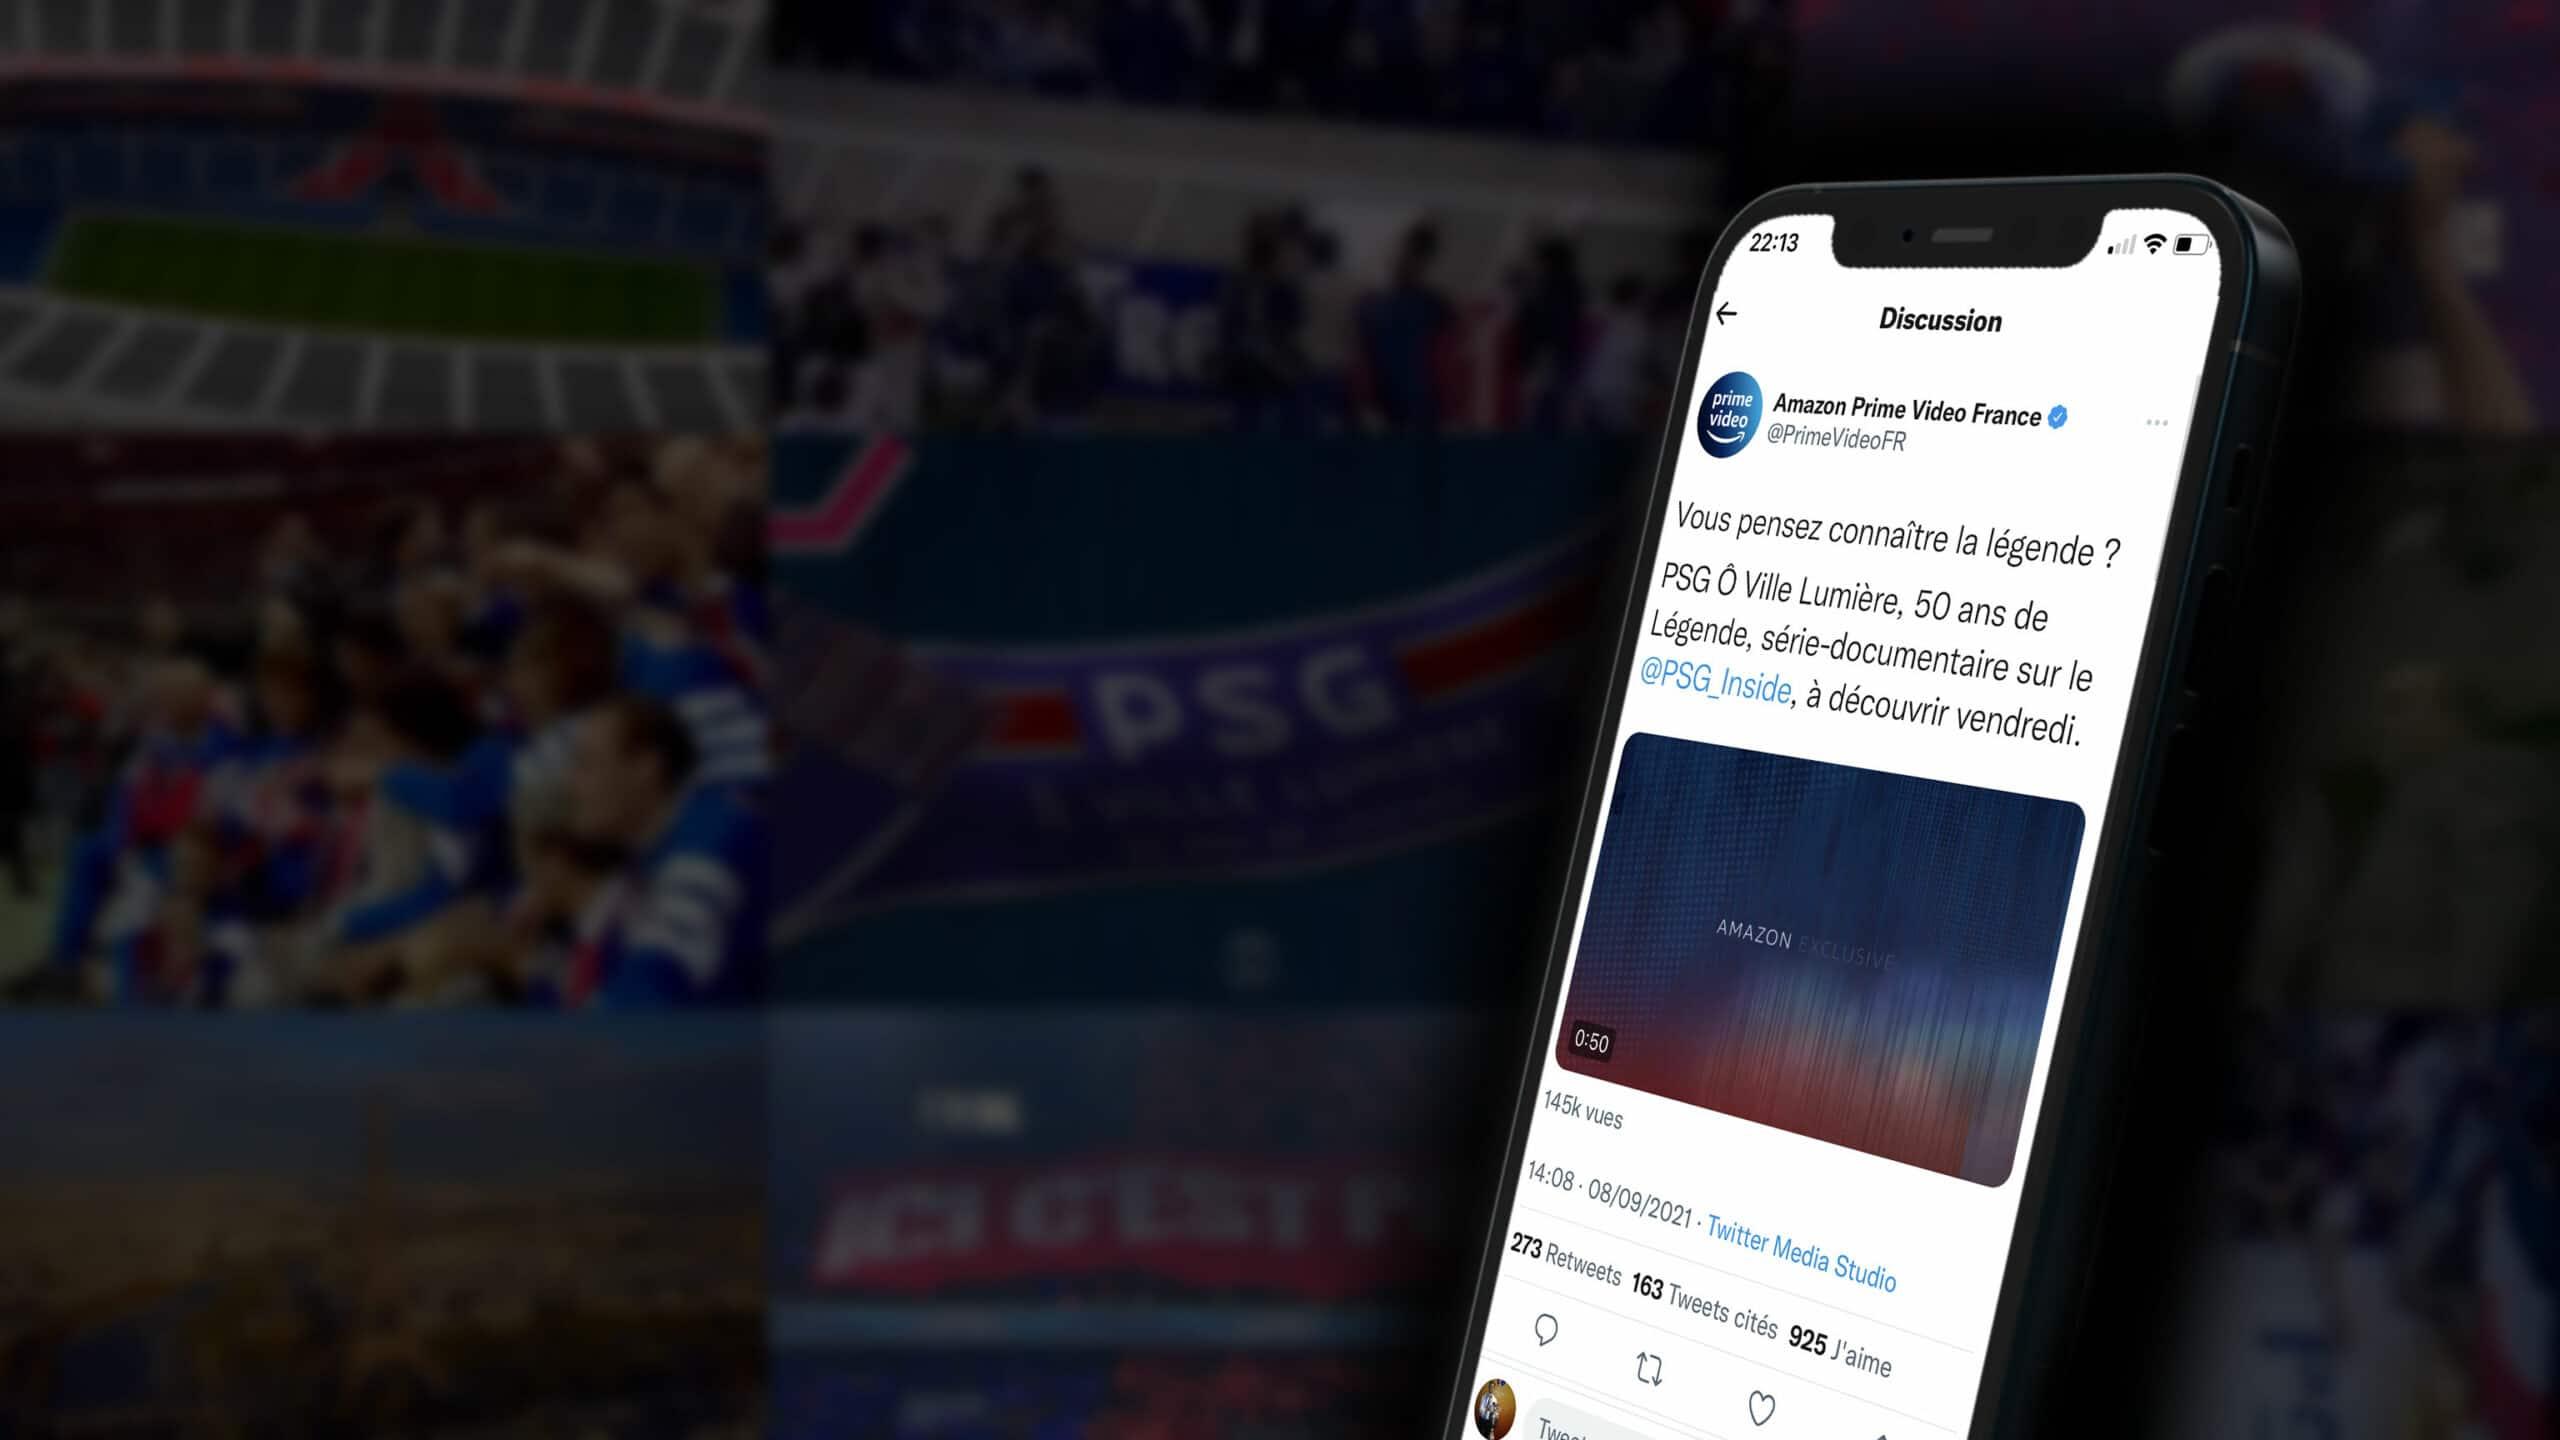 Amazon Prime Vidéo a piégé les fans du PSG sur Twitter avec une fausse bande